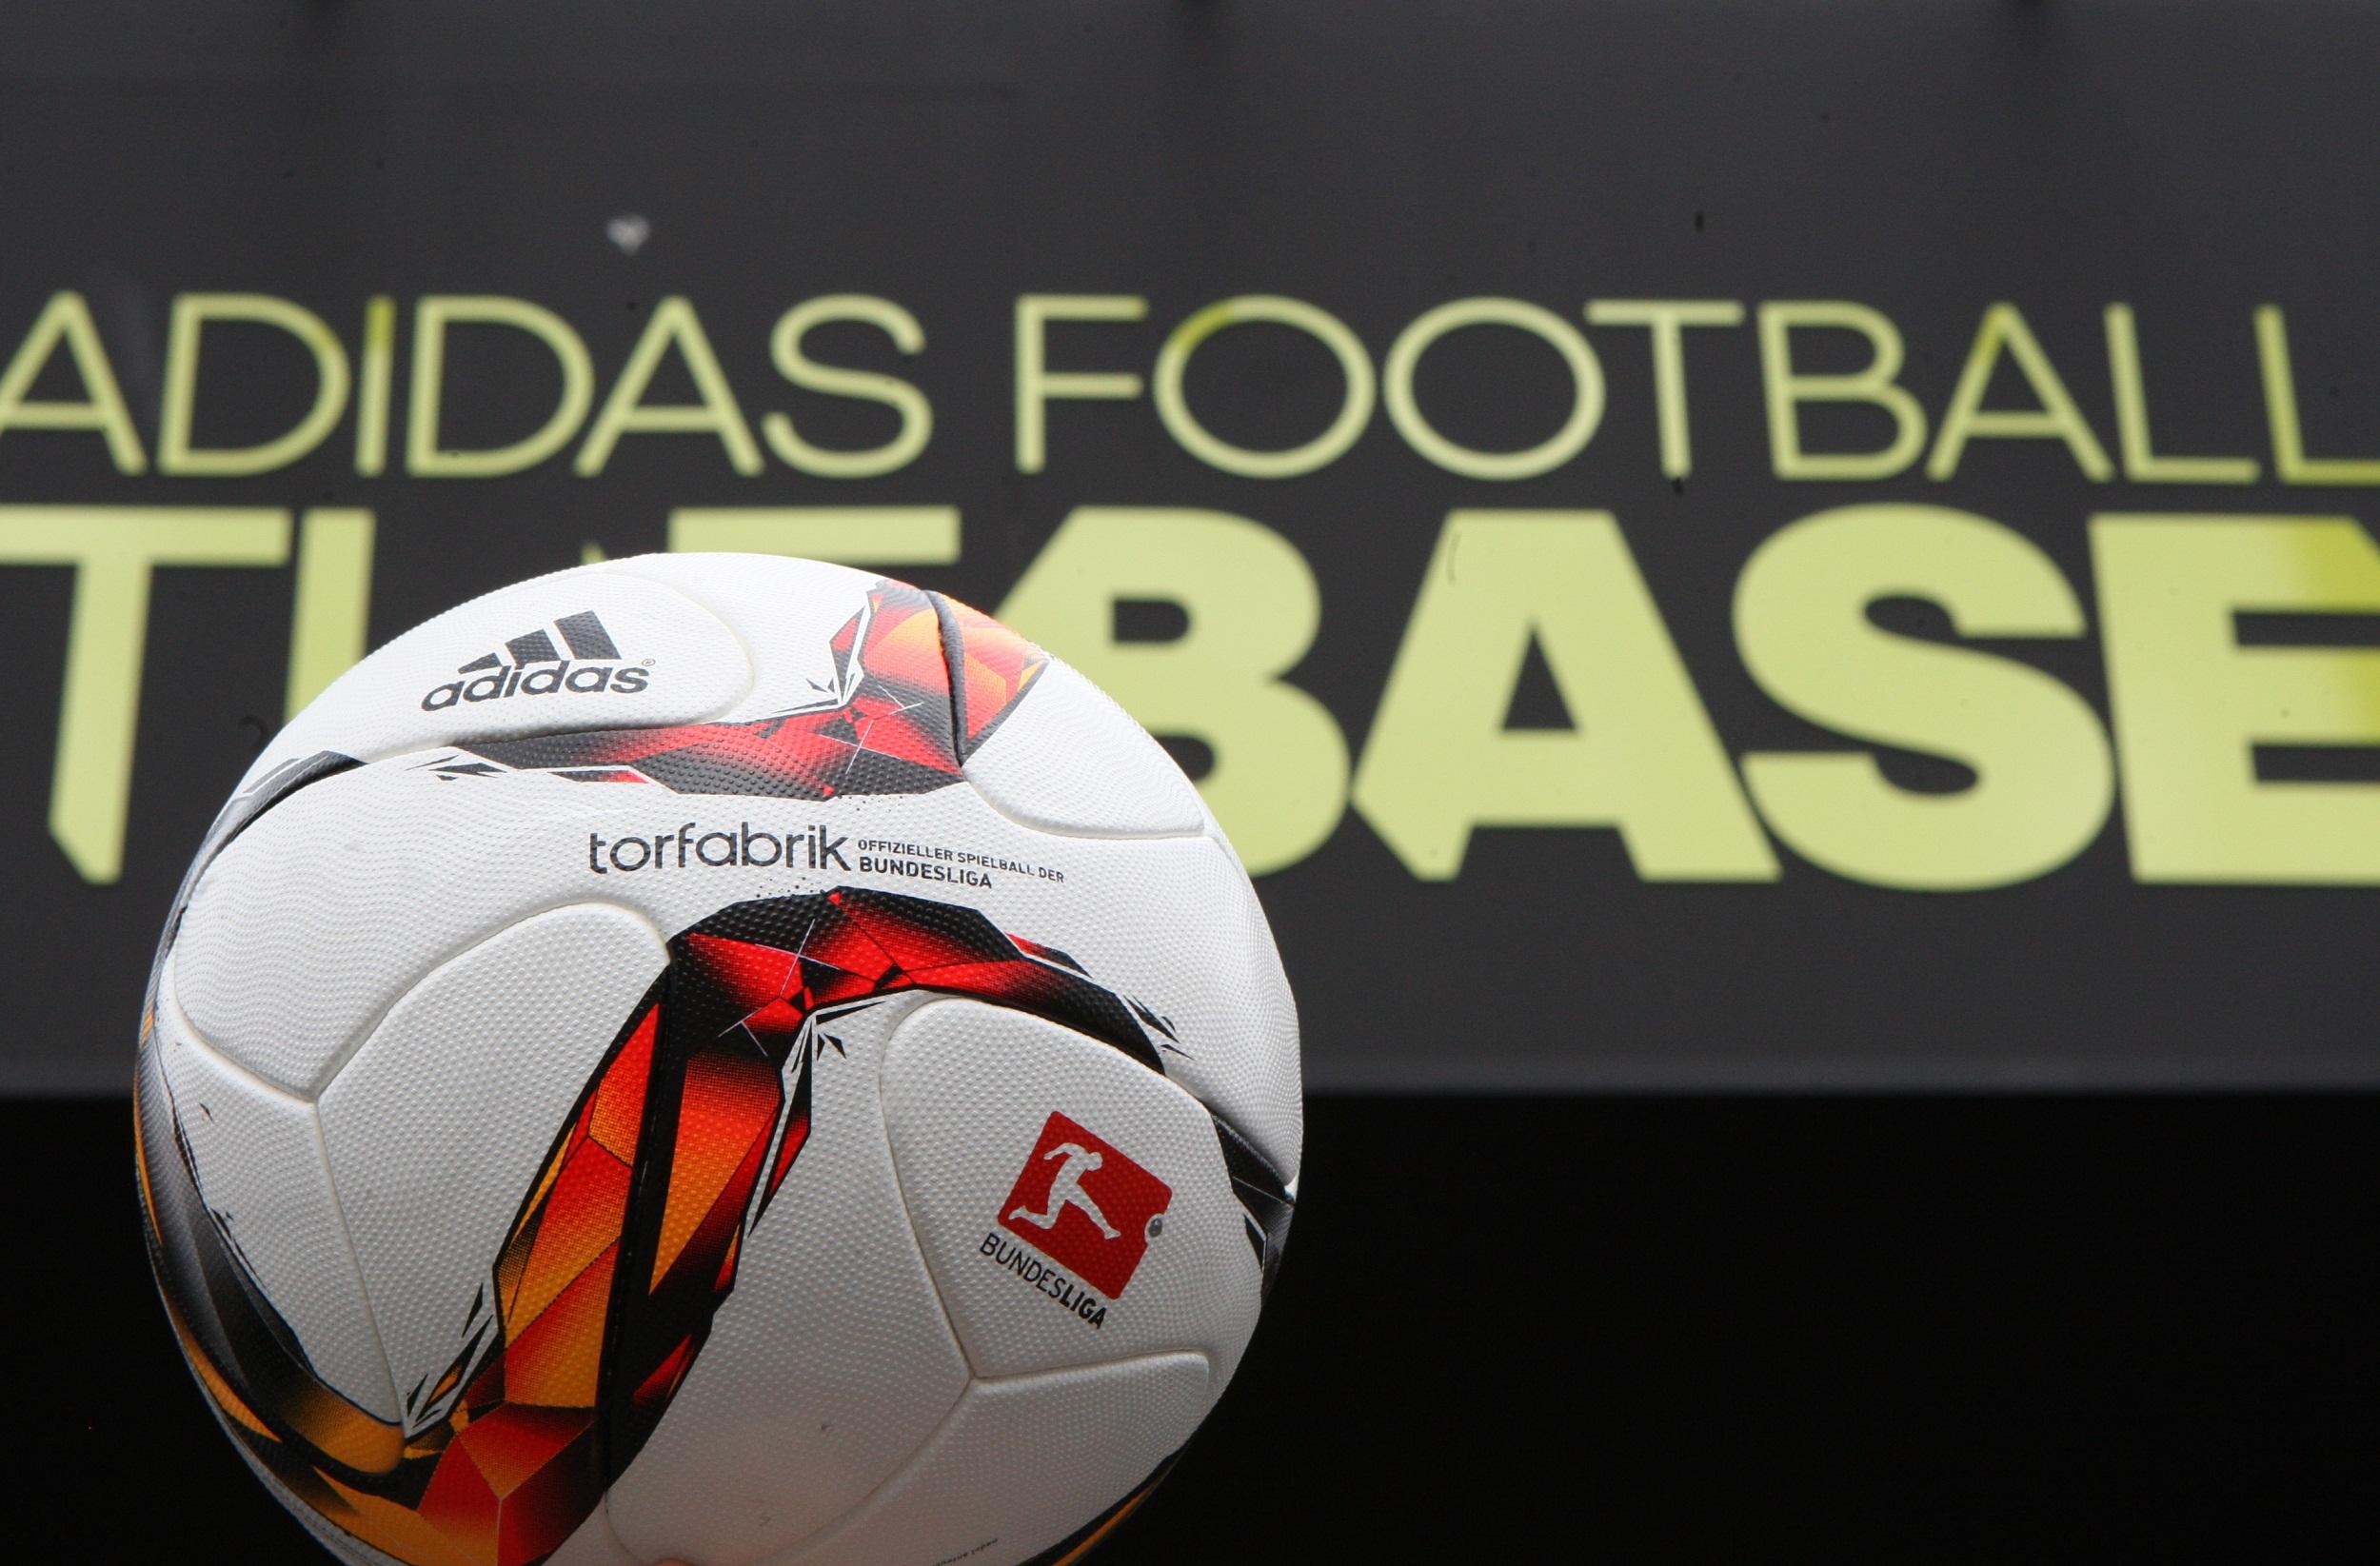 Аdidas представя футболната топка TORFABRIK с обновен дизайн